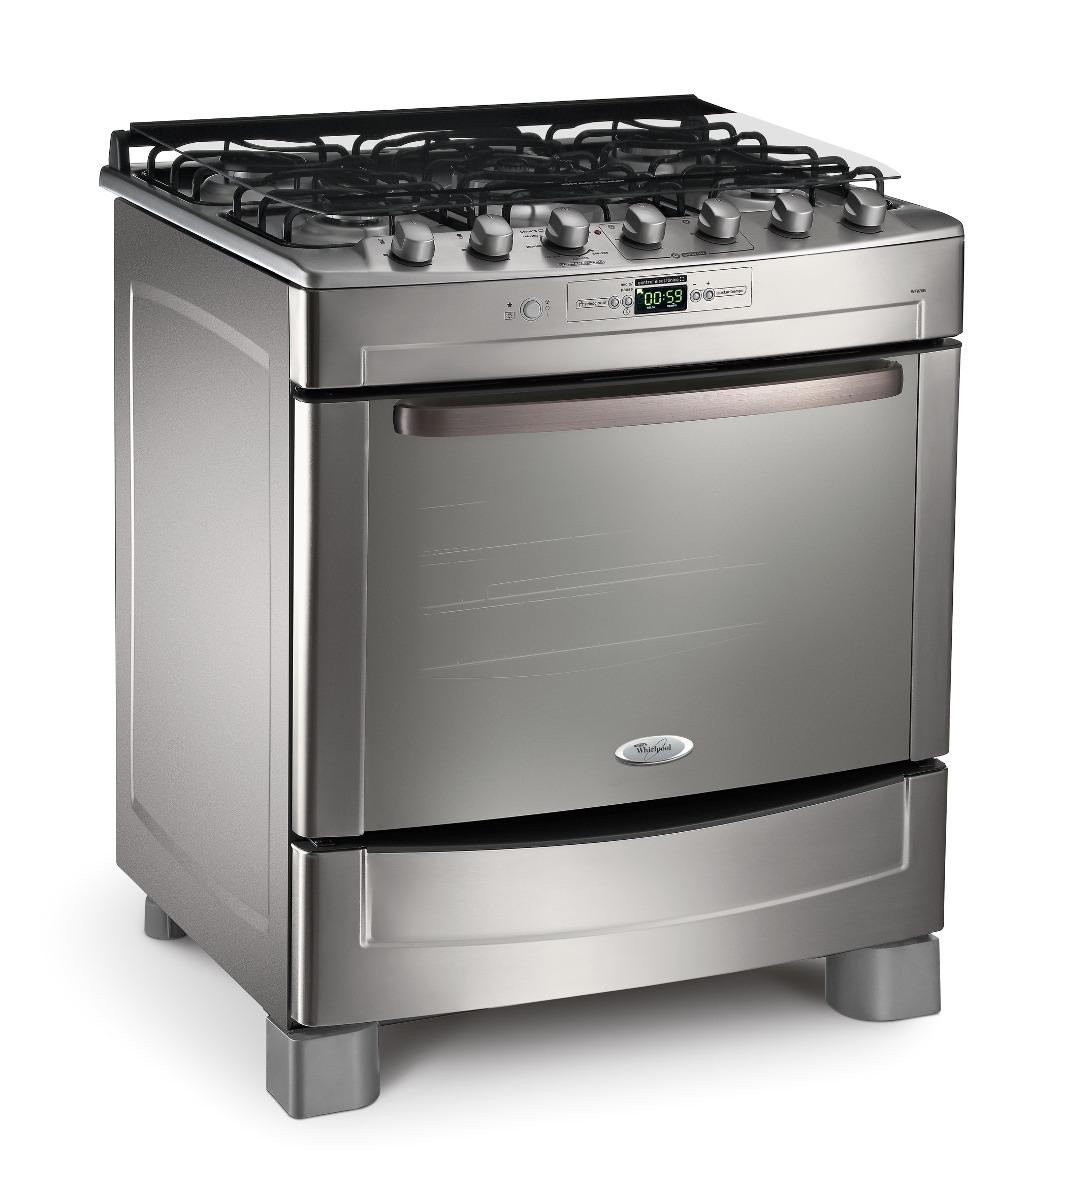 varios problemas con cocina whirlpool wf876c de 5 anafes